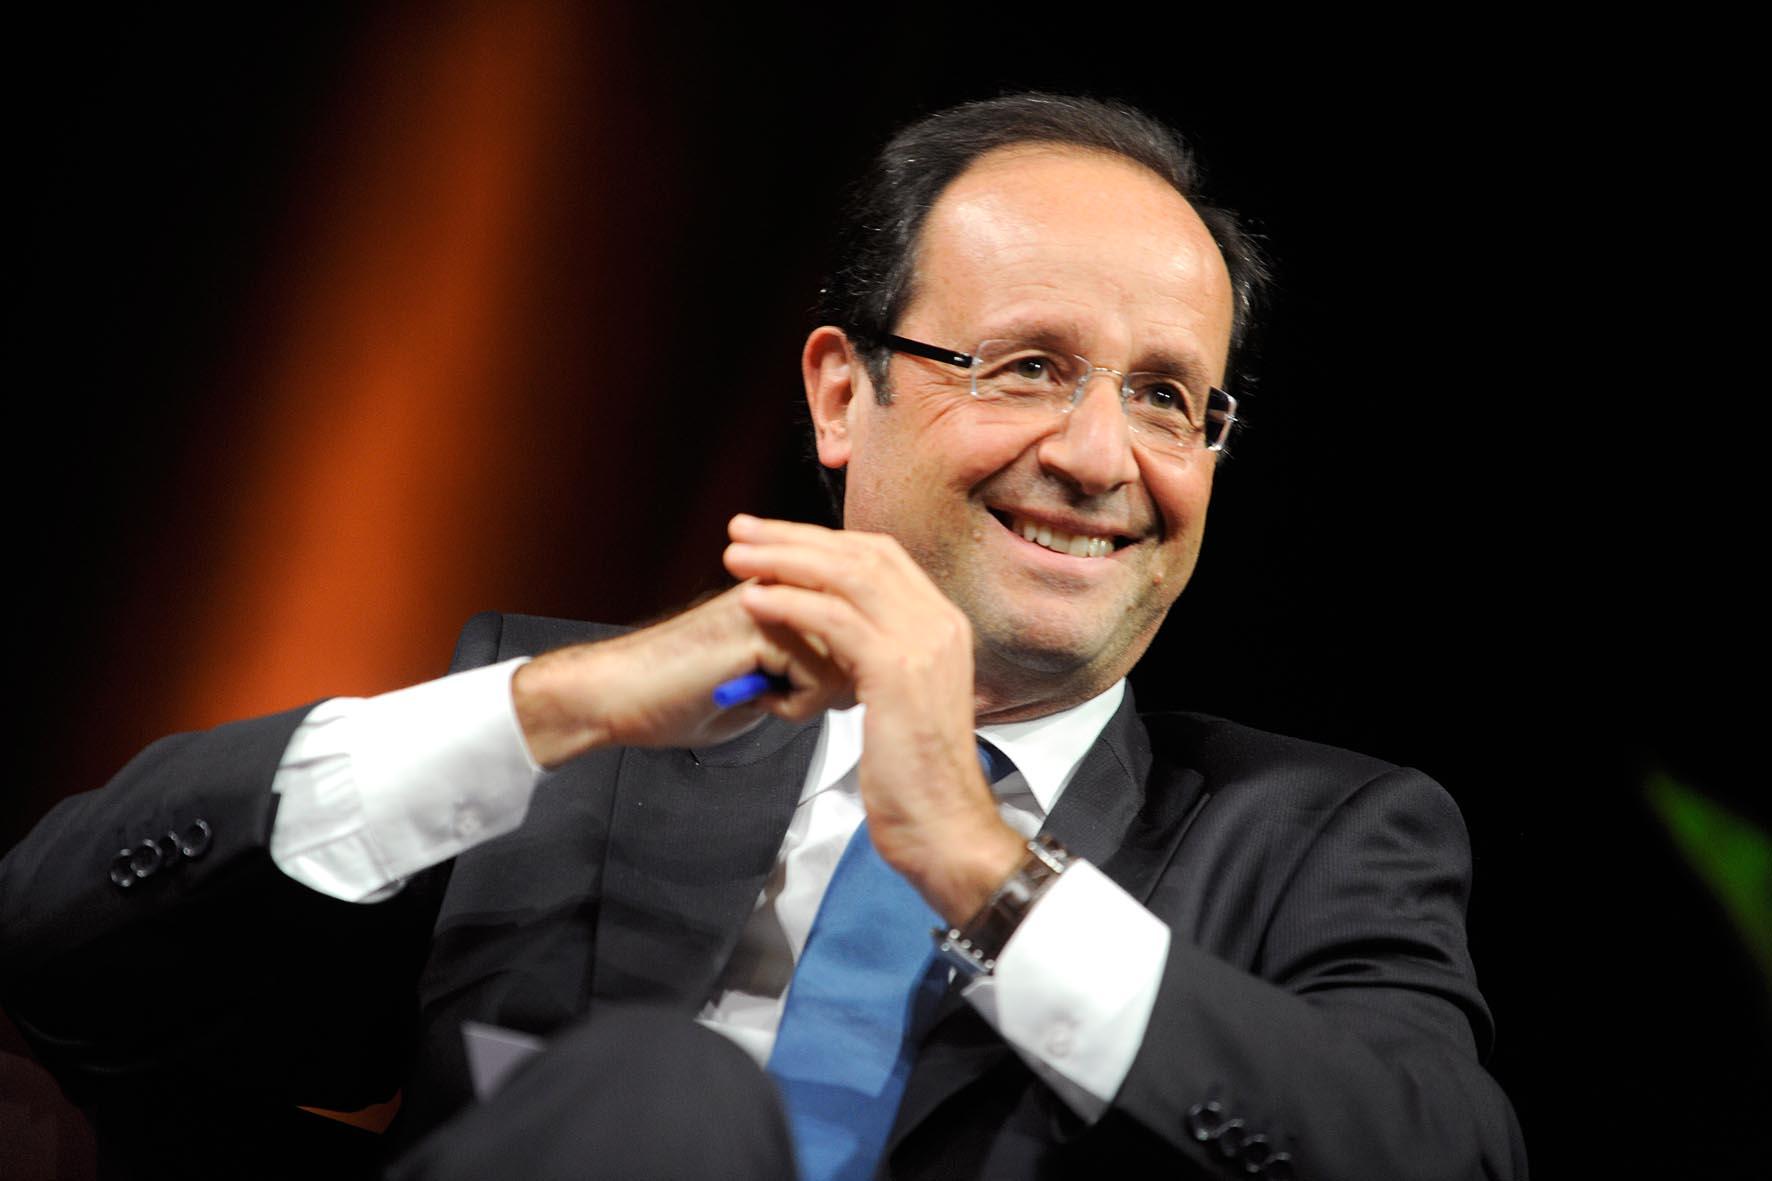 Французские соцсети взбудоражены зарплатой личного парикмахера президента